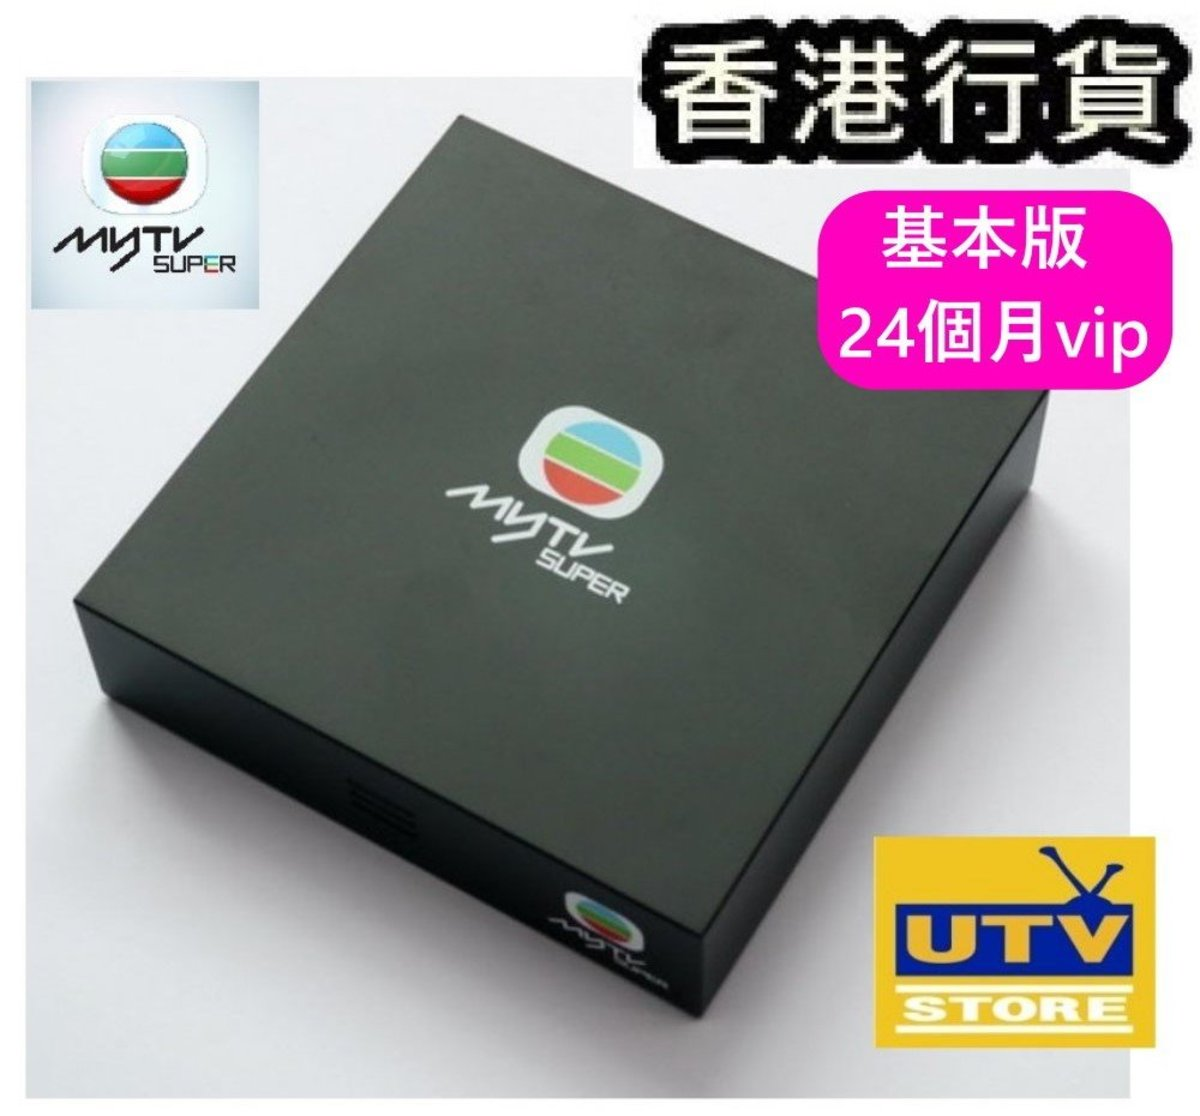 Mytv super 基本版 24個月 (送跨屏同時睇)